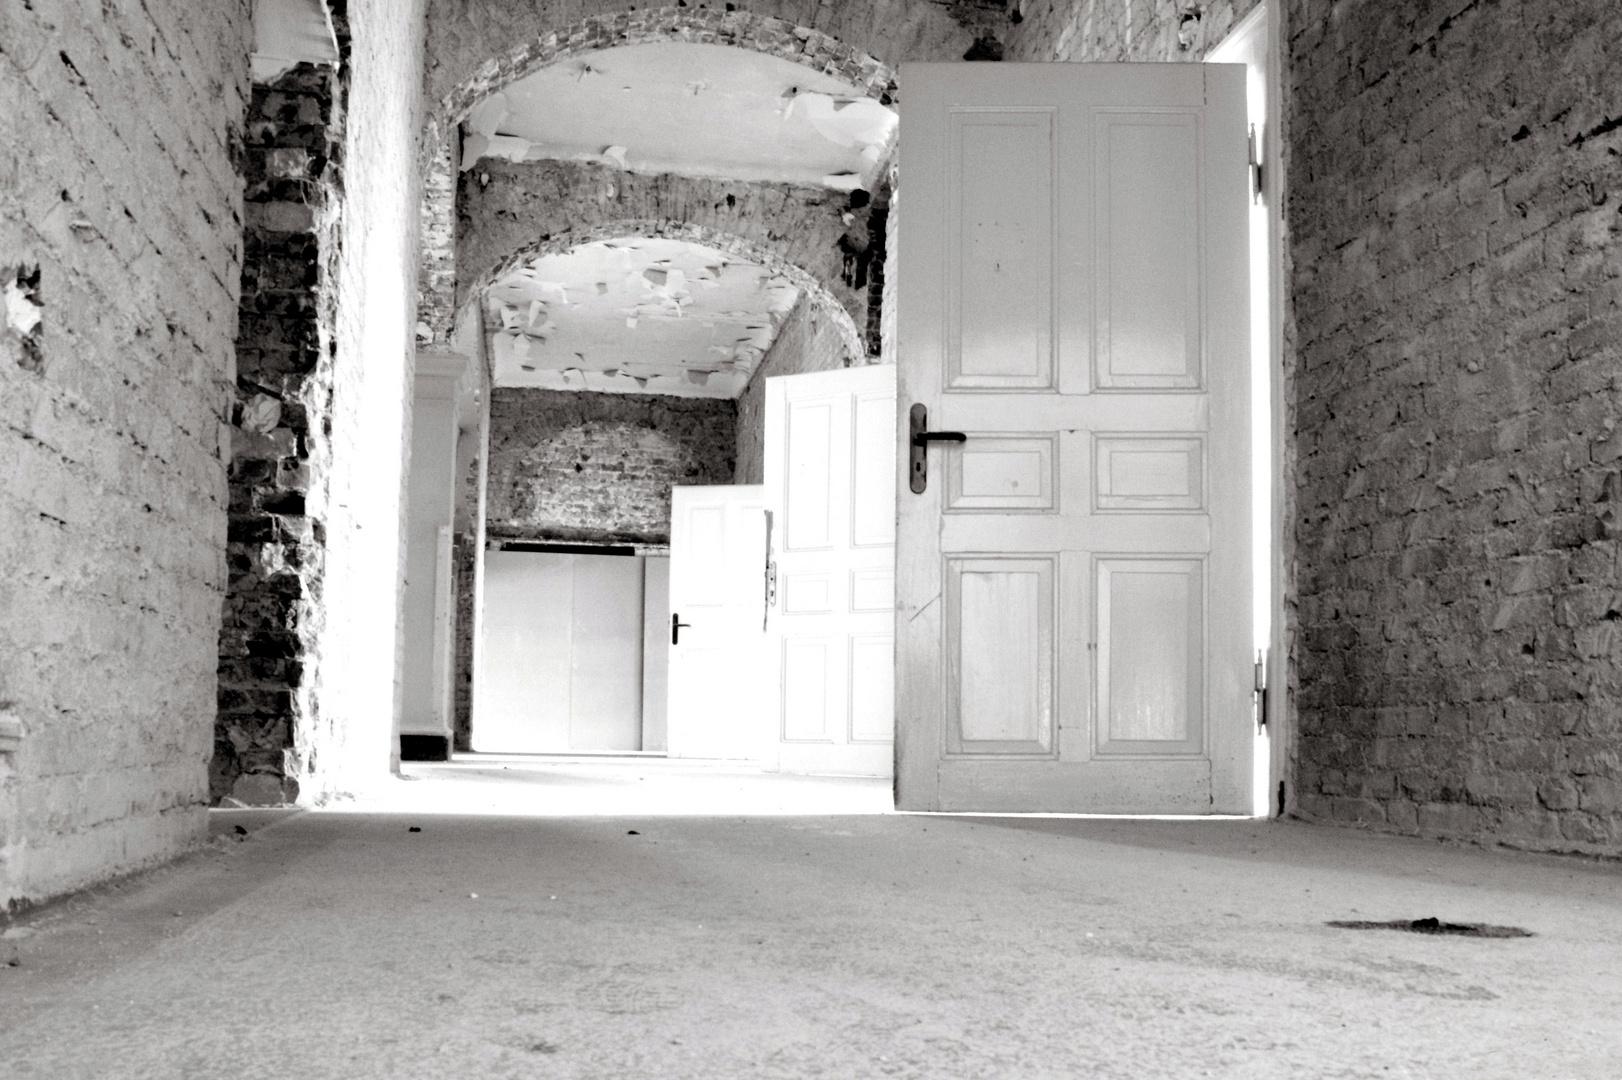 Jede Tür kann Hoffnung bringen!